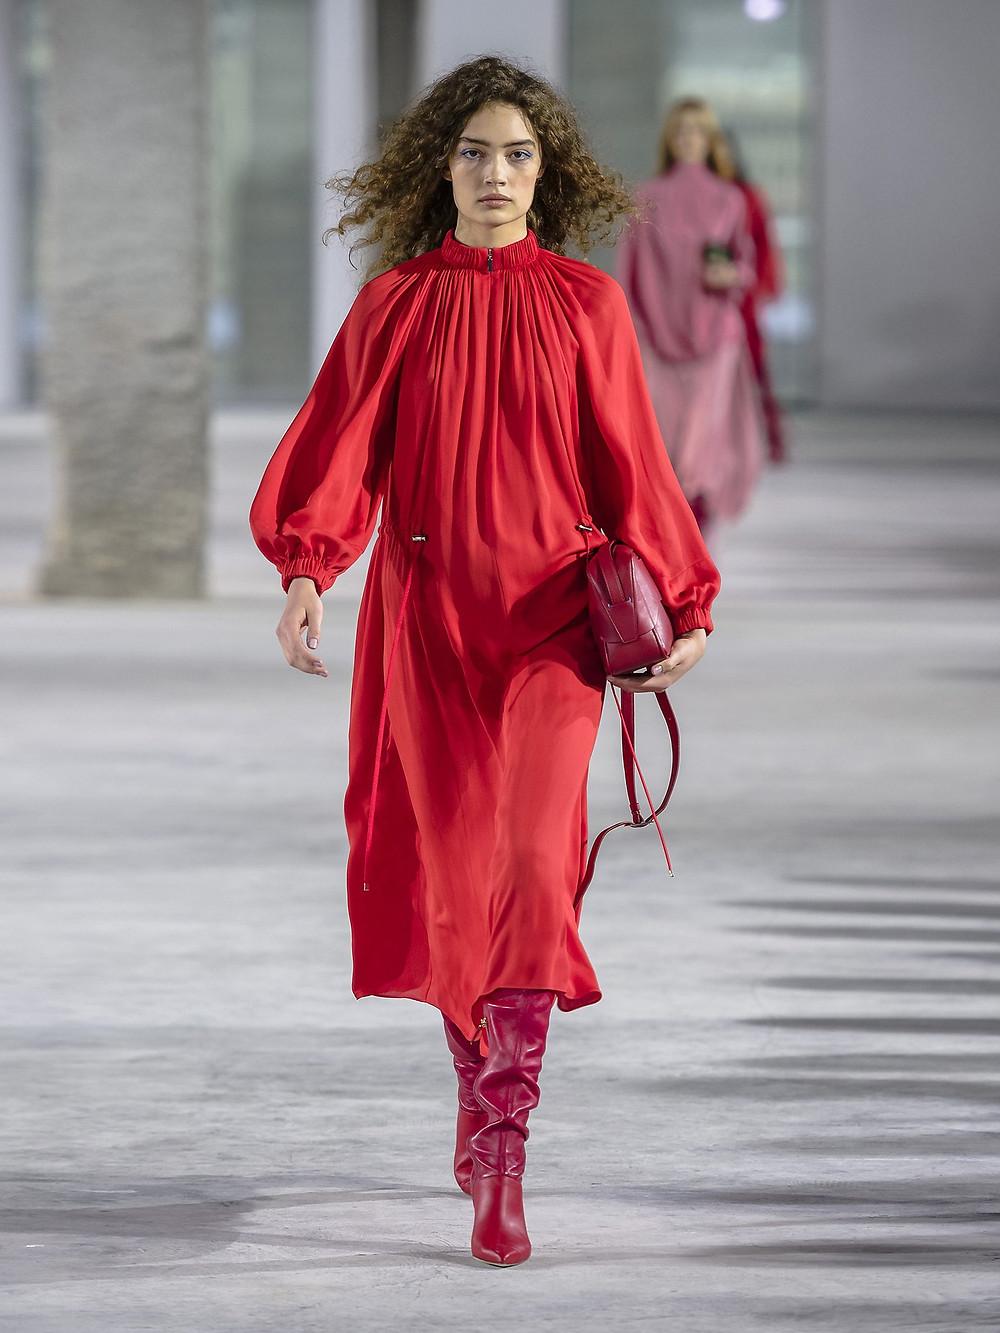 Tibi Drawstring-waist georgette dress $795